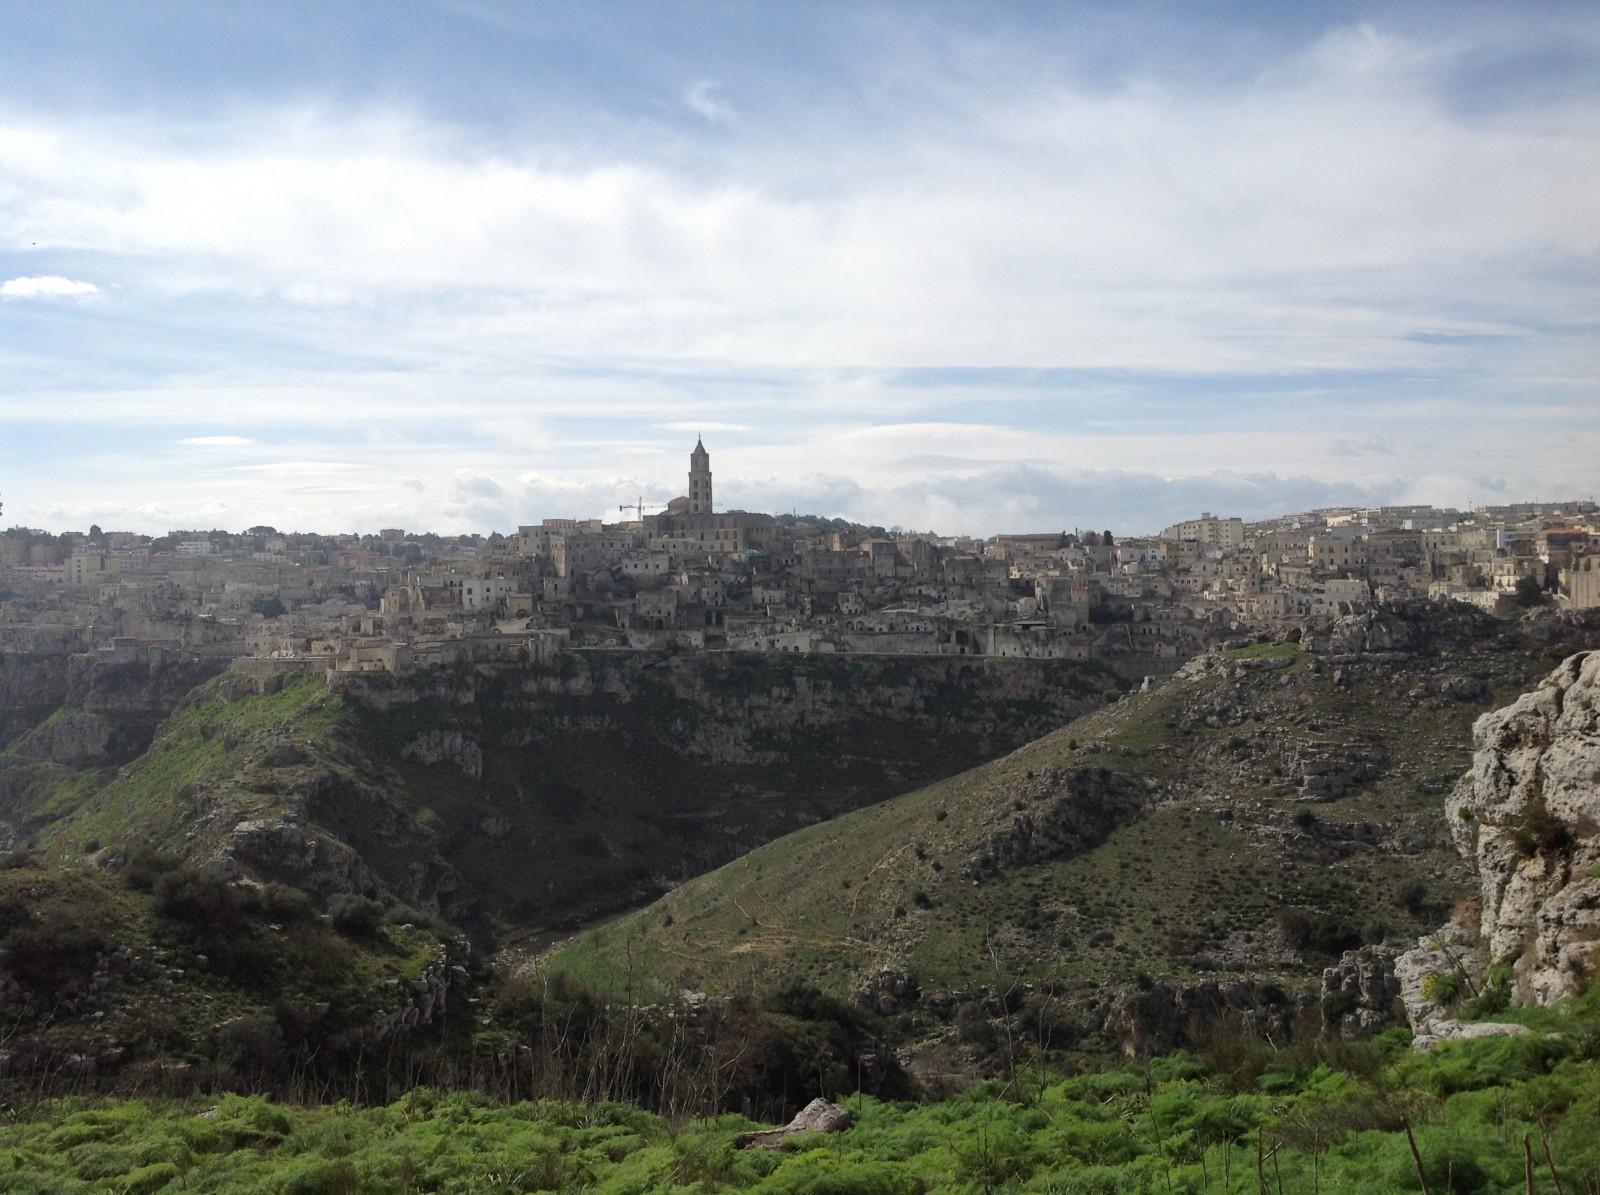 Panoramique de Matera : Sasso Caveoso à gauche, Sasso Barisano à droite, la Civita au centre.  © Samanta Deruvo.